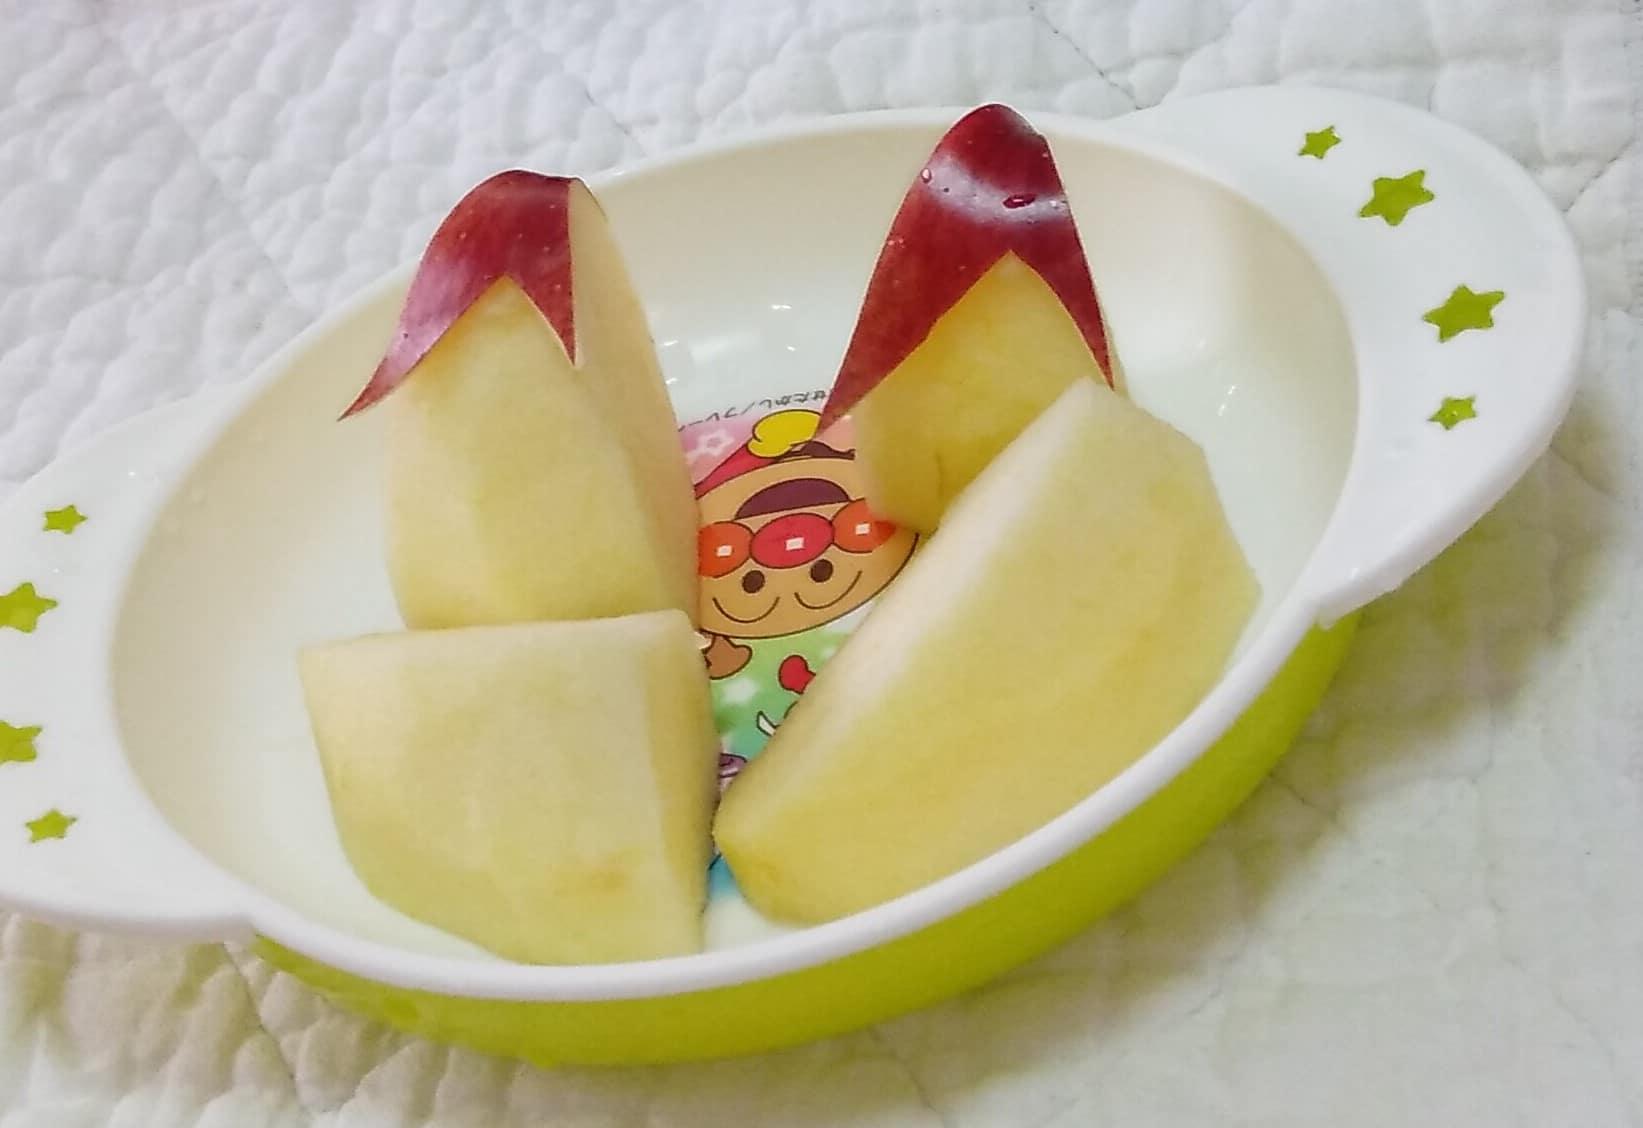 【うさぎりんご】に40代半ばにして初挑戦してみたら意外と簡単でした